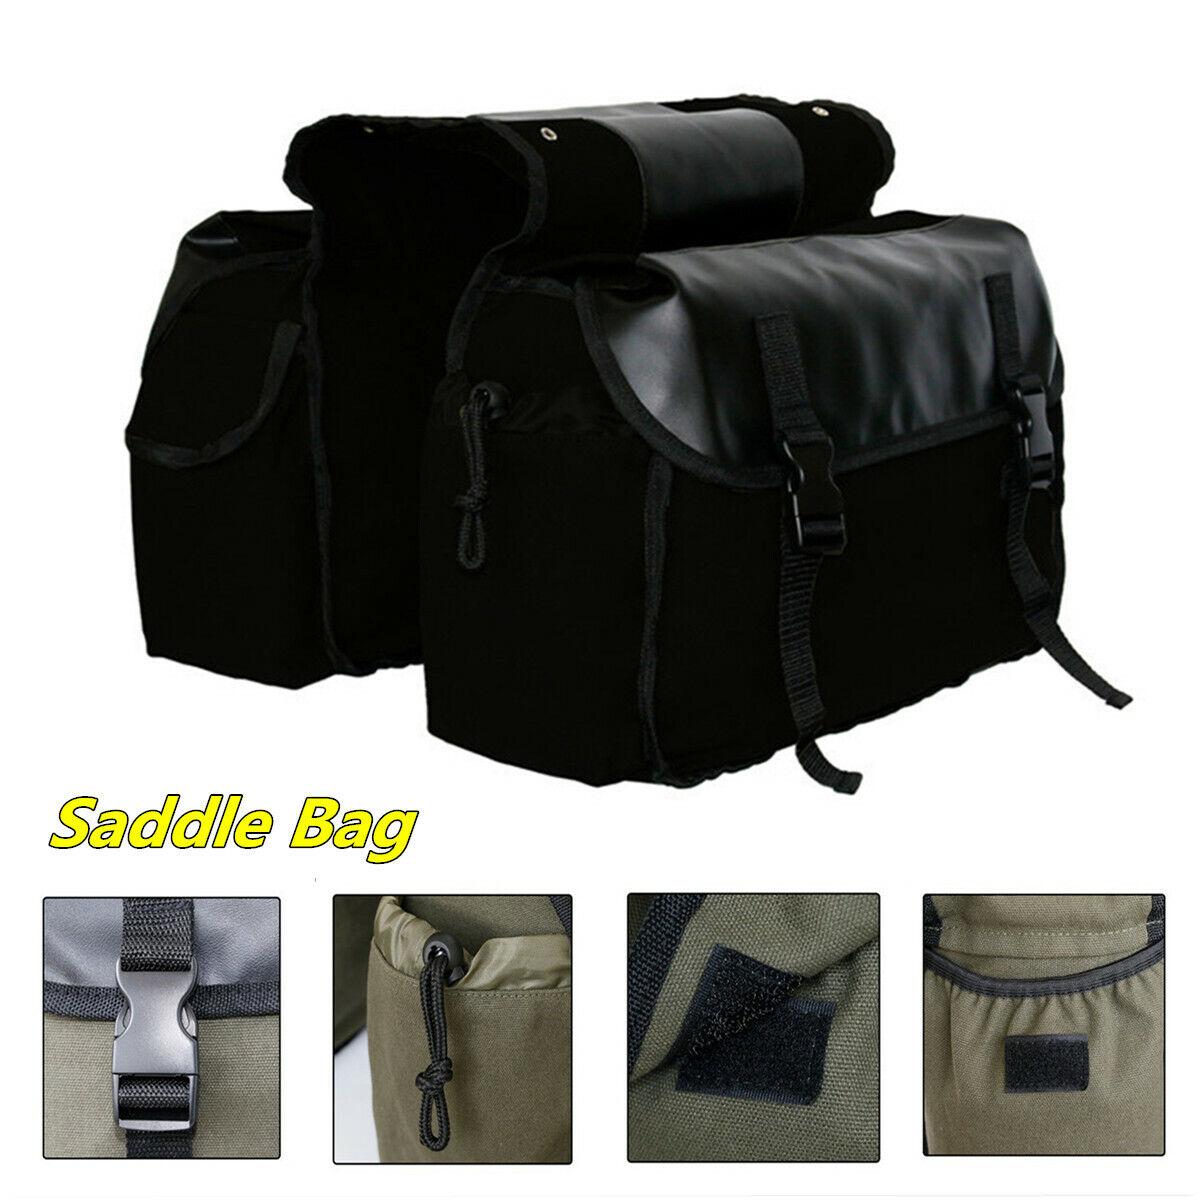 Waterproof Saddlebags Motorcycle Rear Rack Tail Seat Side Saddle Bag Luggage